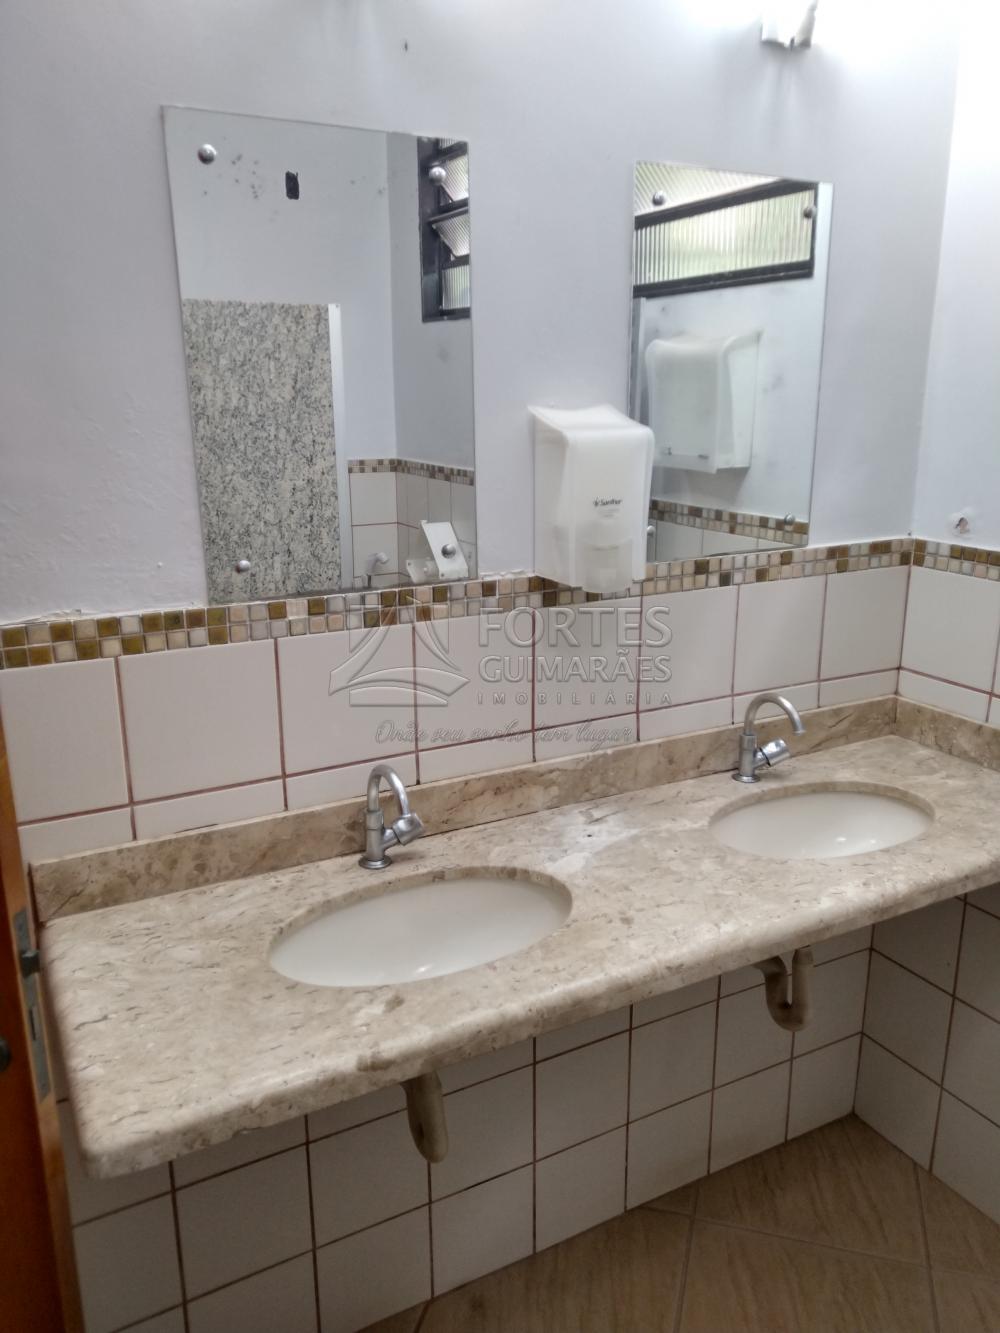 Alugar Comercial / Imóvel Comercial em Ribeirão Preto apenas R$ 12.000,00 - Foto 107